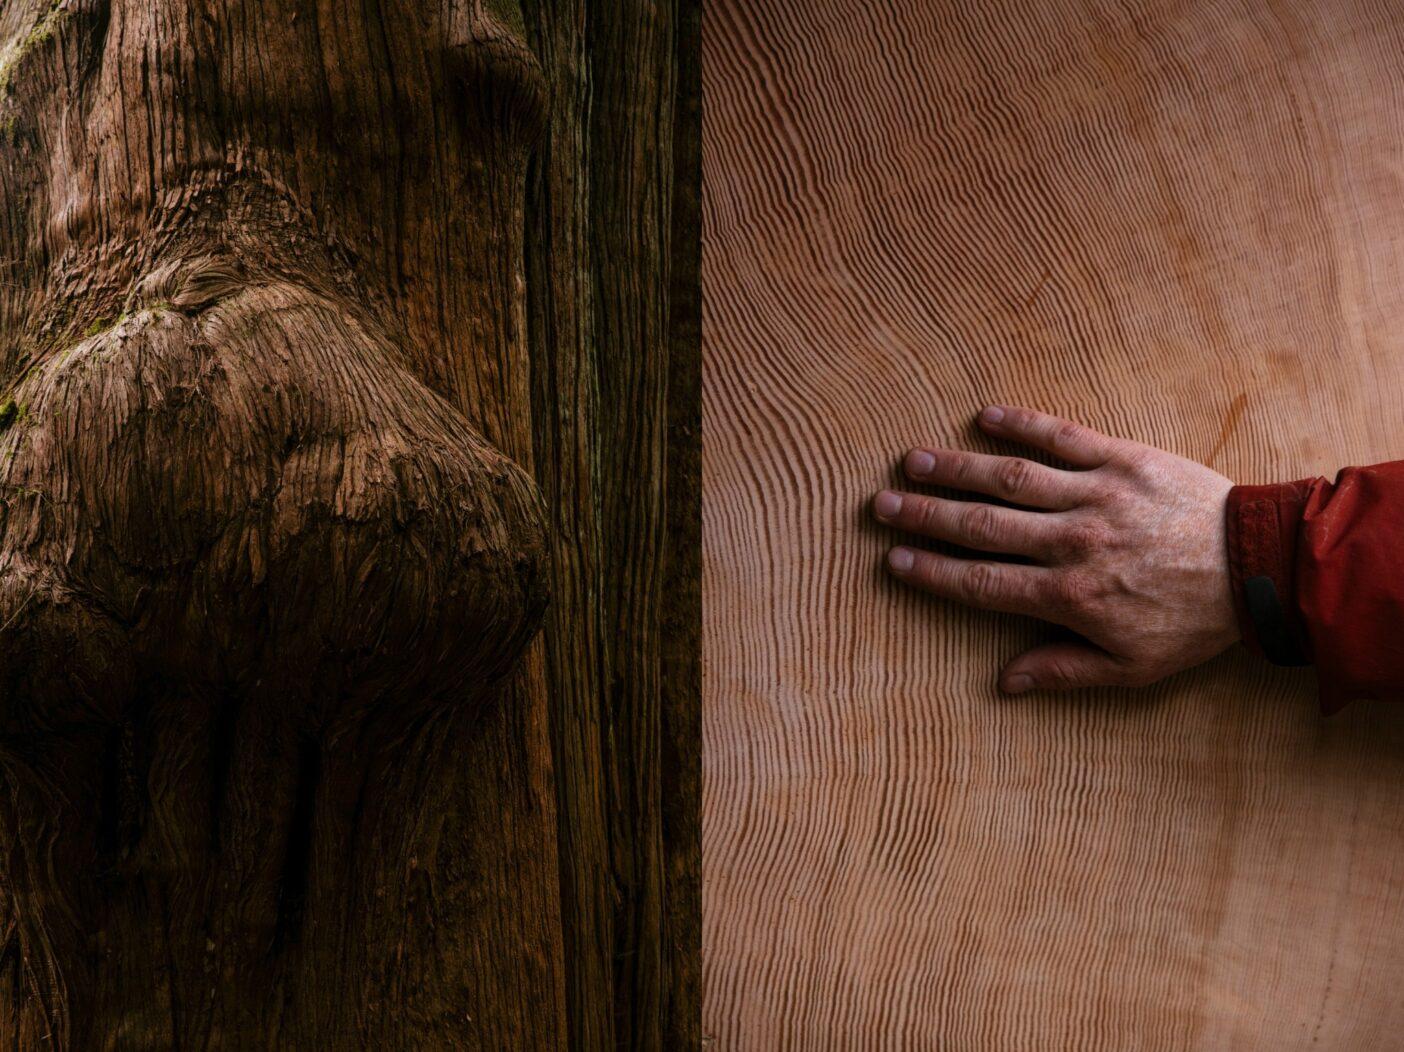 左:古木の側面にコブが形成されている。なぜ一部の木にこうした丸い突起ができるのか、科学者にもまだ分からないが、こうしたコブが木の健康と無関係であることは確認されている。写真家にとっては、おもしろい構図だ。 右:このベイスギの原生林の1つの年輪は1年に相当する。ワットは全部数えたことはないが、写真の部分だけでも、この木が数世紀にわたって生きていたことが分かる。Photos: Jeremy Koreski